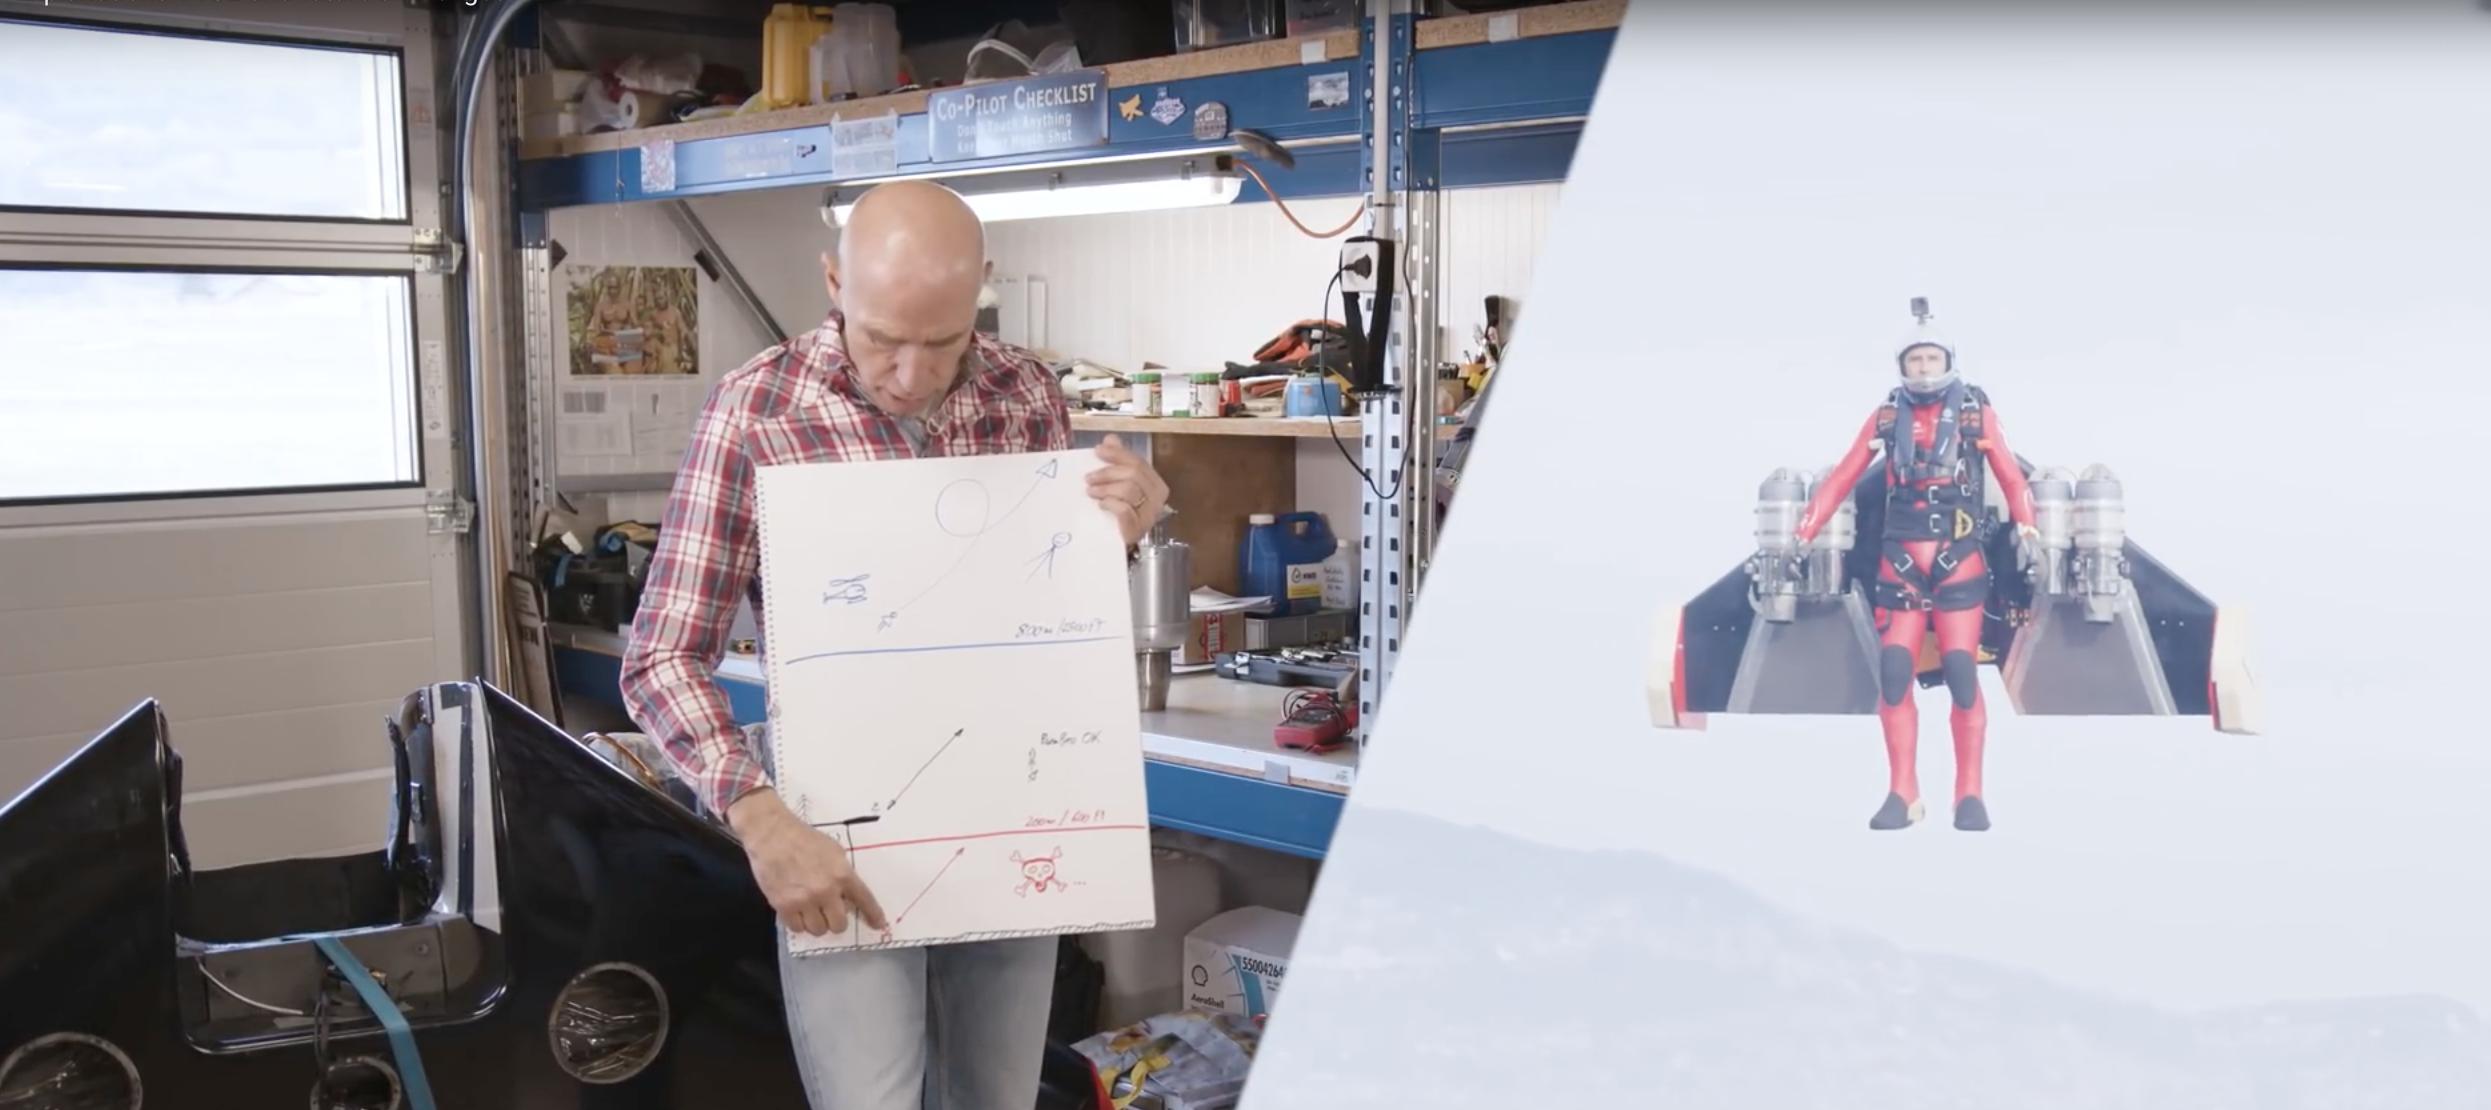 Как утопить 4 мотора за $70.000 и разработать систему безопасности для джетпаков-ховербордов-крыльев - 10